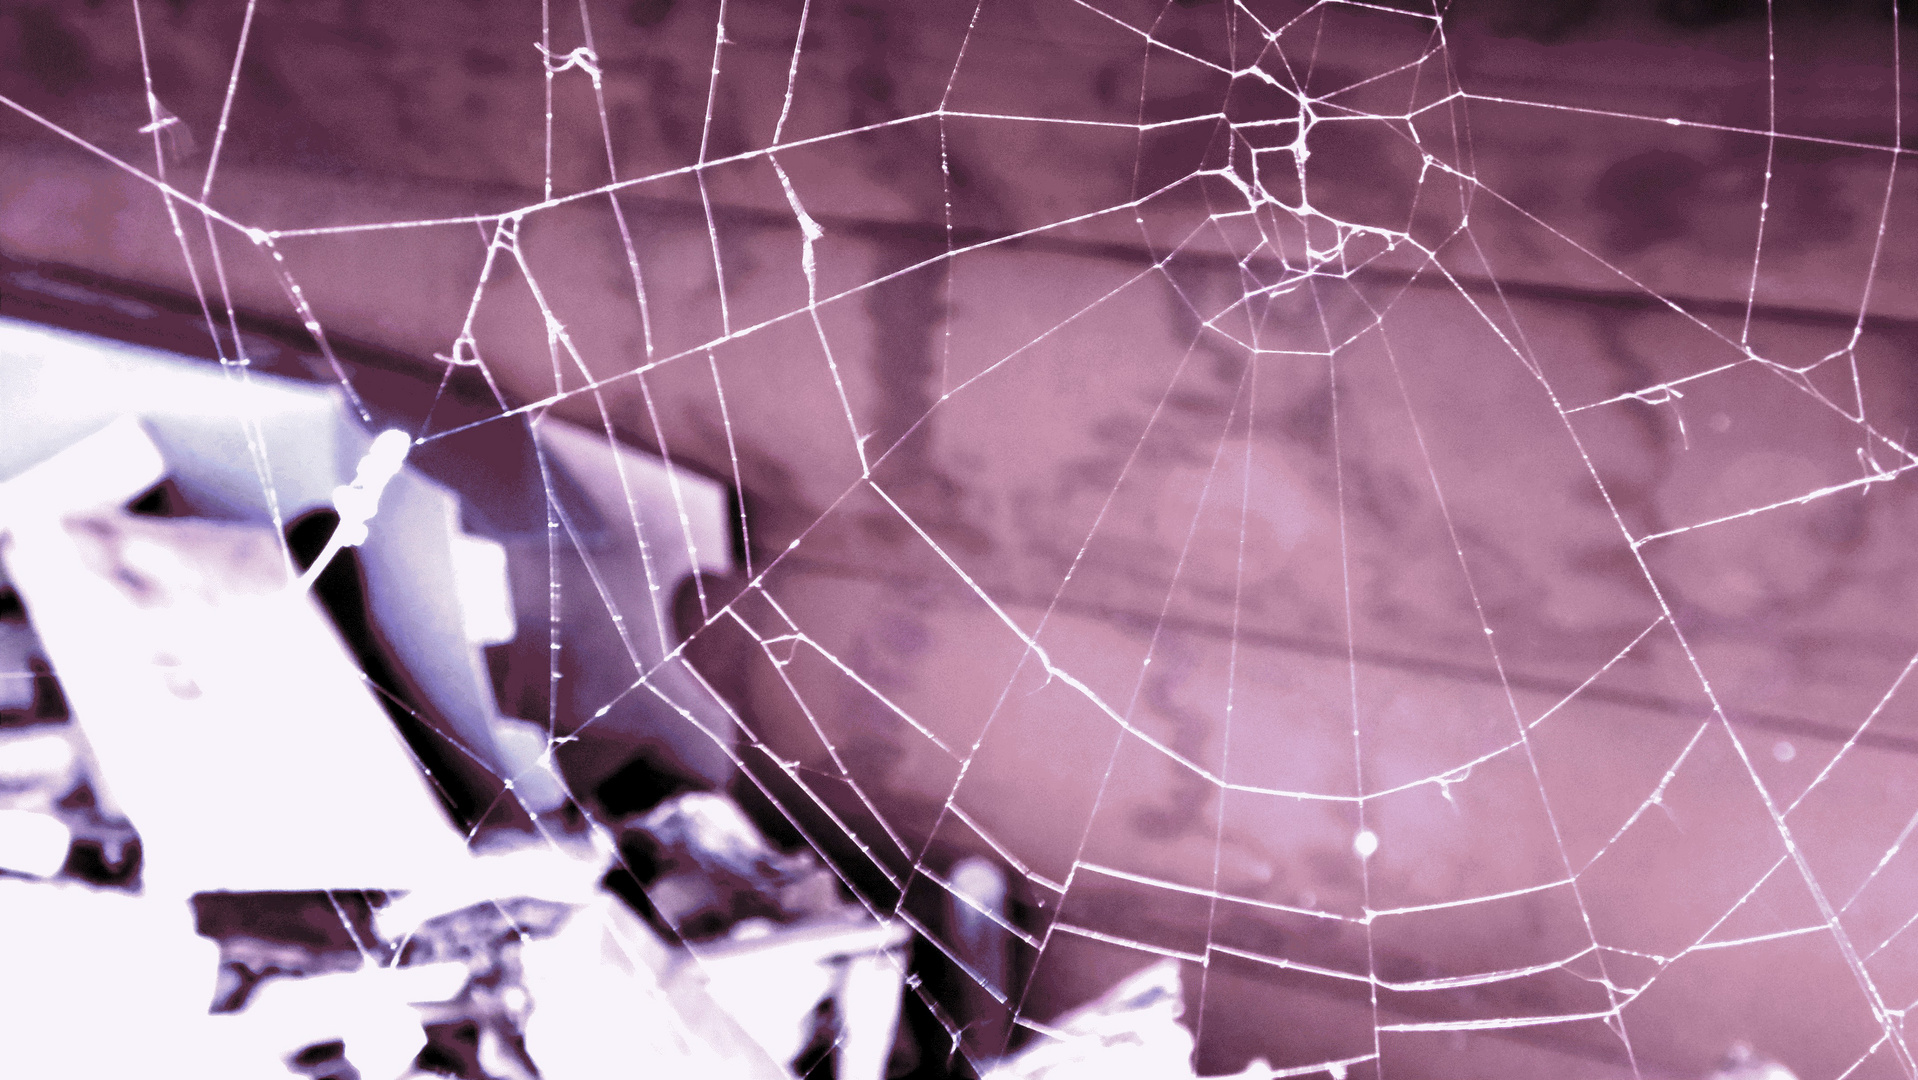 Spinnwebe